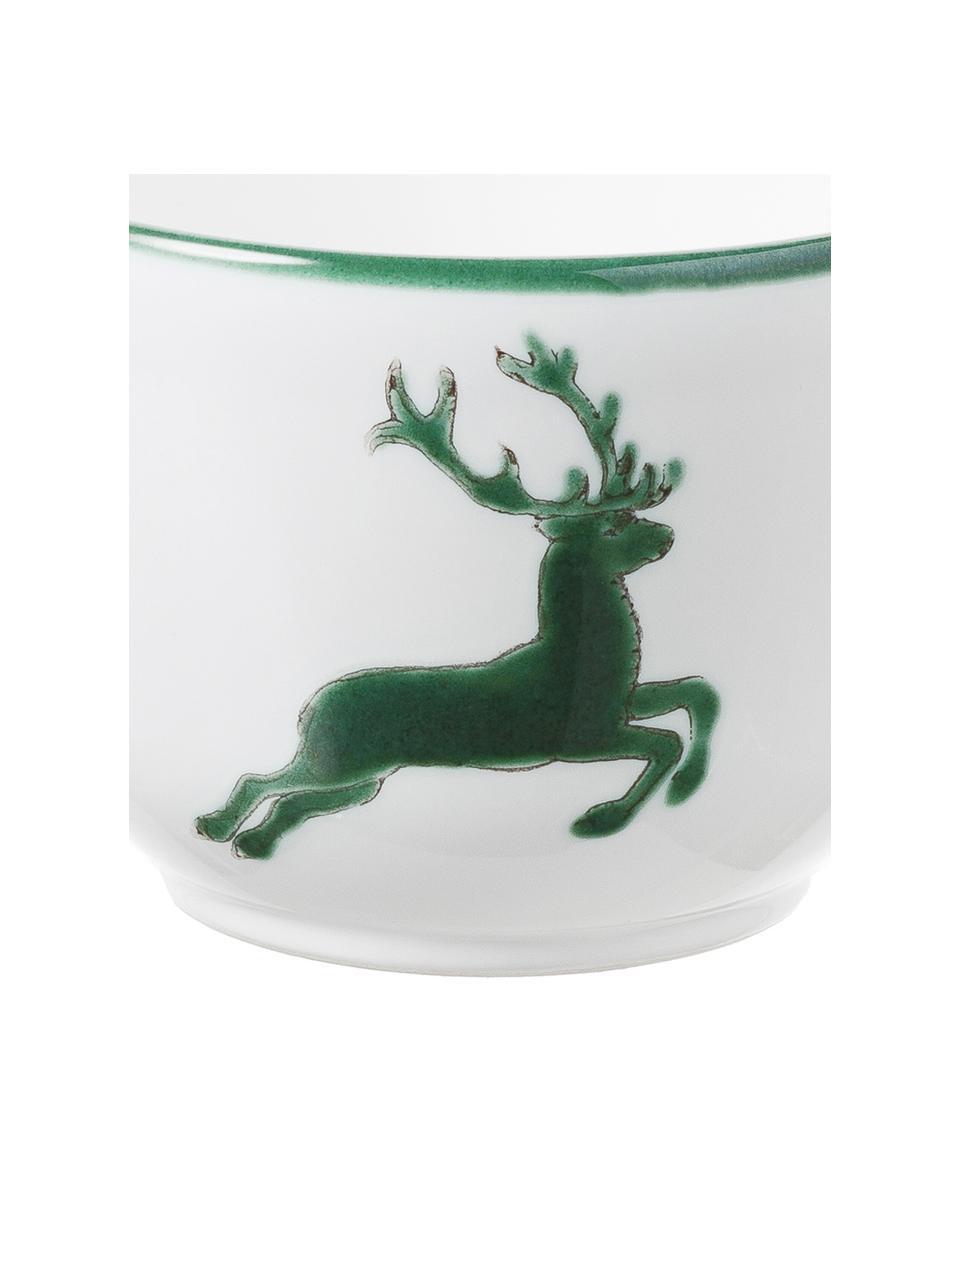 Tazza da te dipinta a mano Classic Grüner Hirsch, Ceramica, Verde, bianco, 190 ml